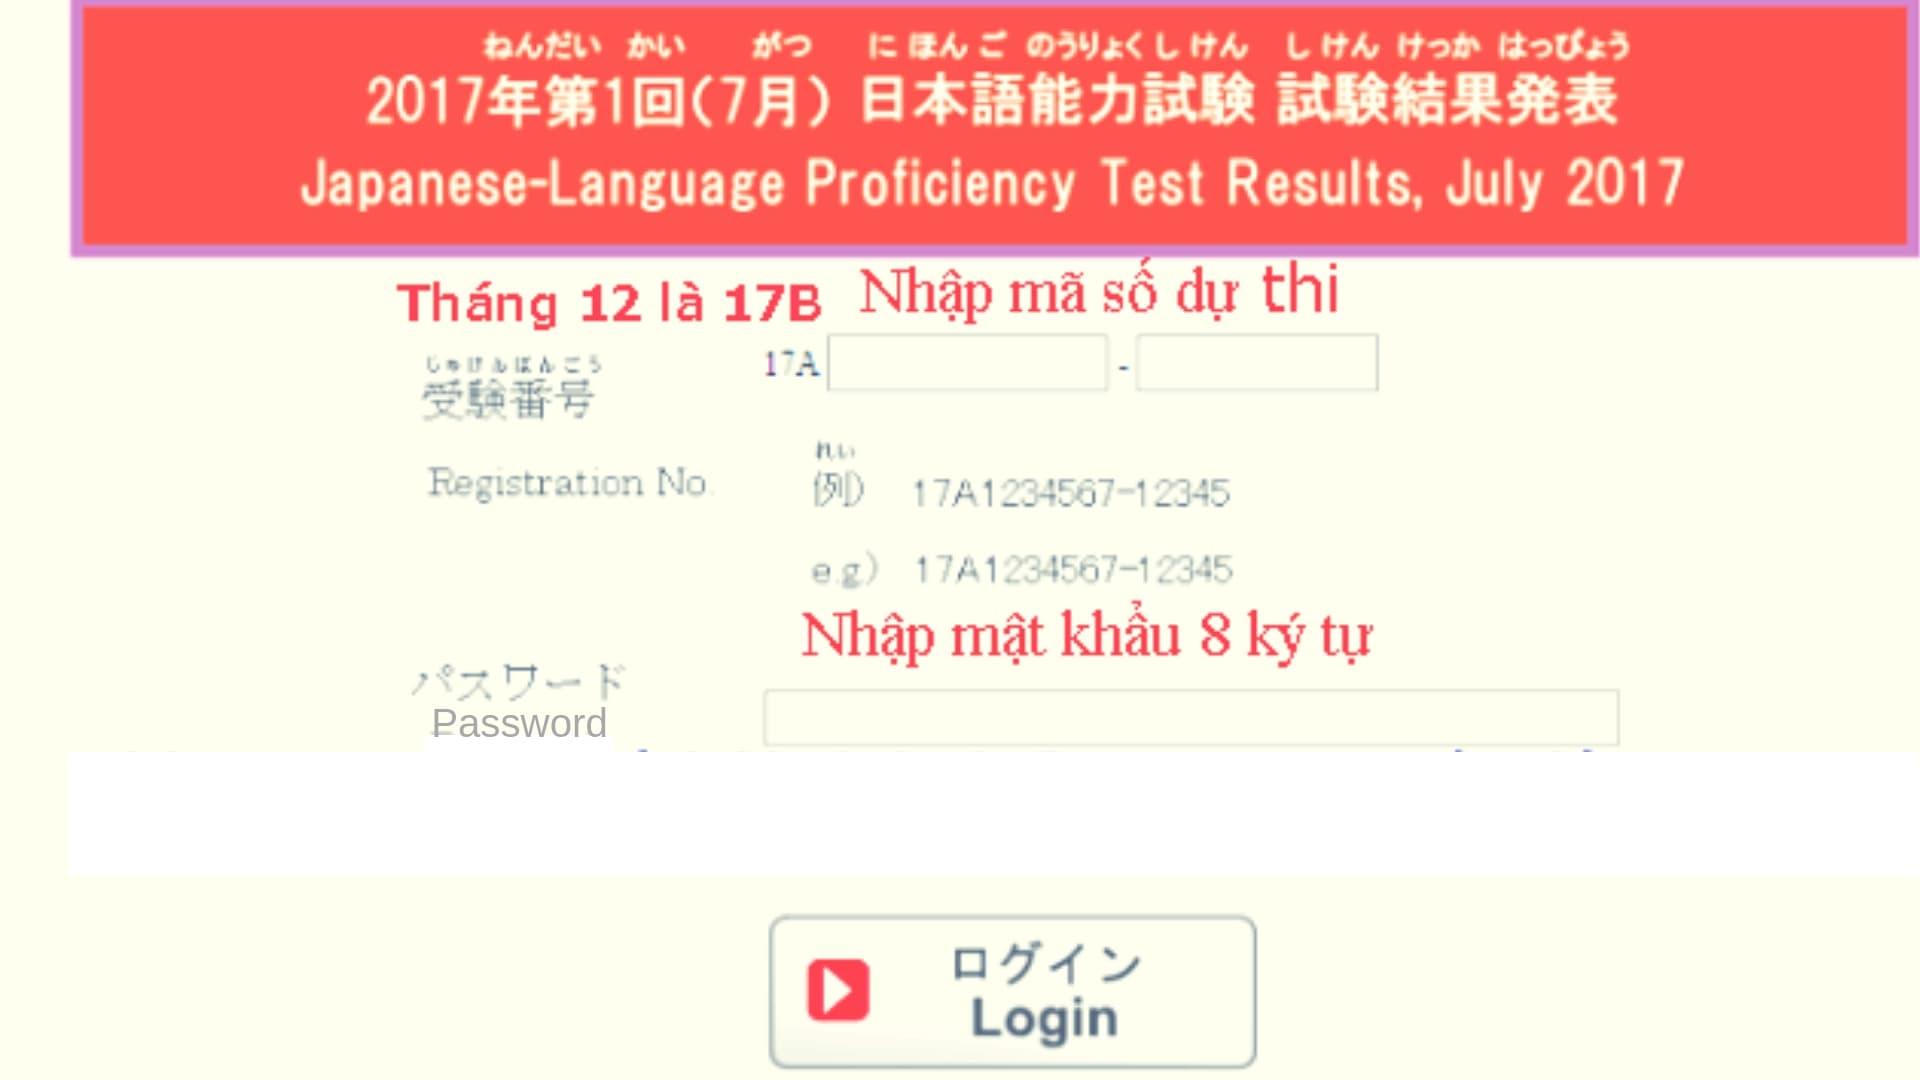 HACK cách xem điểm thi JLPT 08/2019 qua mạng CỰC NHANH, CỰC CHUẨN!